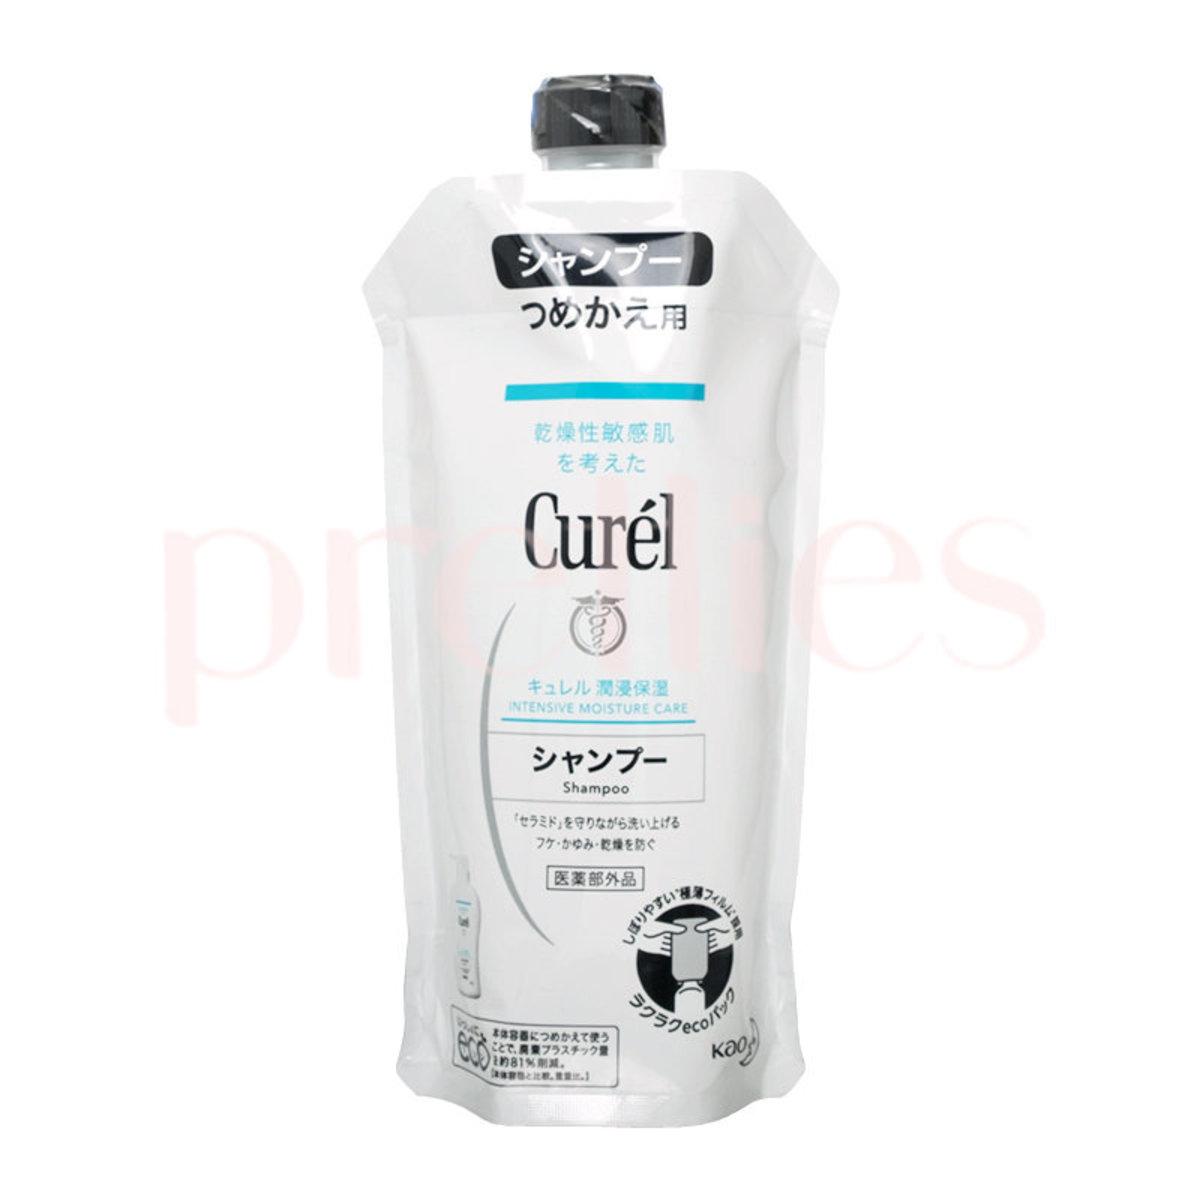 溫和潔淨洗髮露 (補充裝) 340ml (新版)  (平行進口貨品)